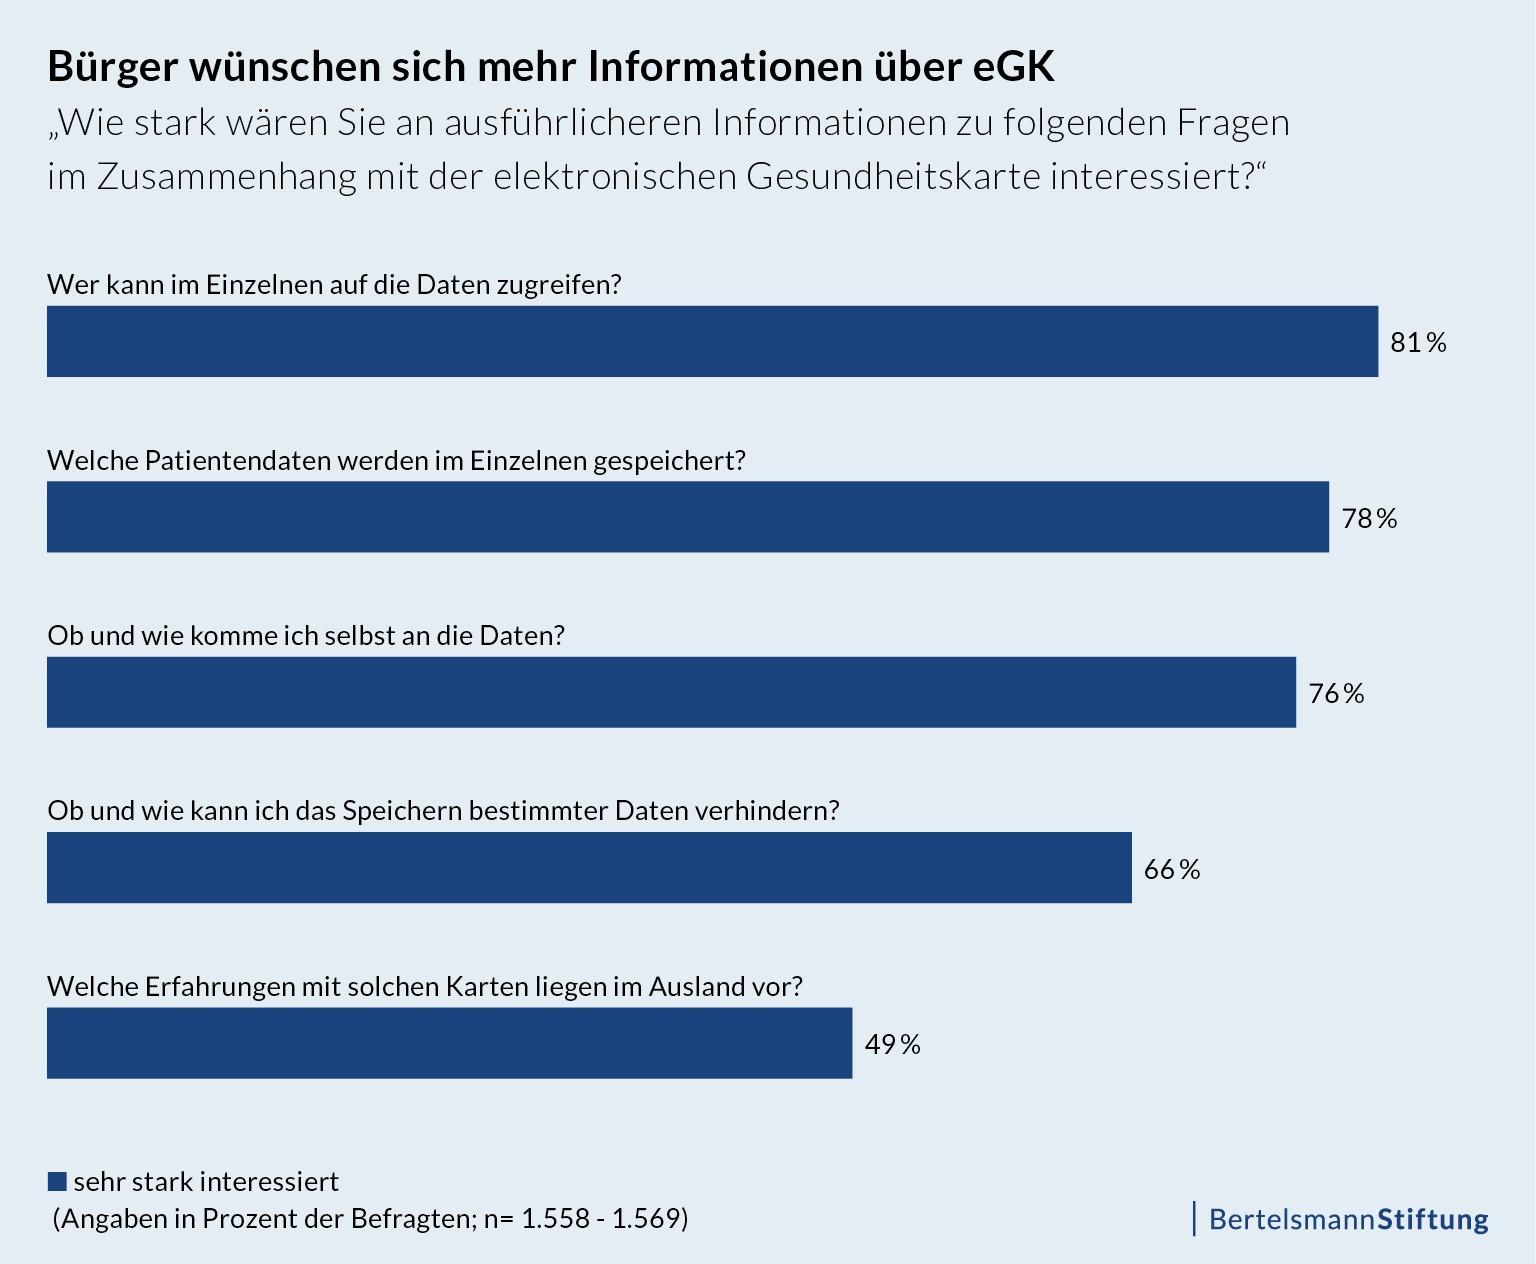 Bürger wünschen sich mehr Informationen über elektronische Gesundheitskarte